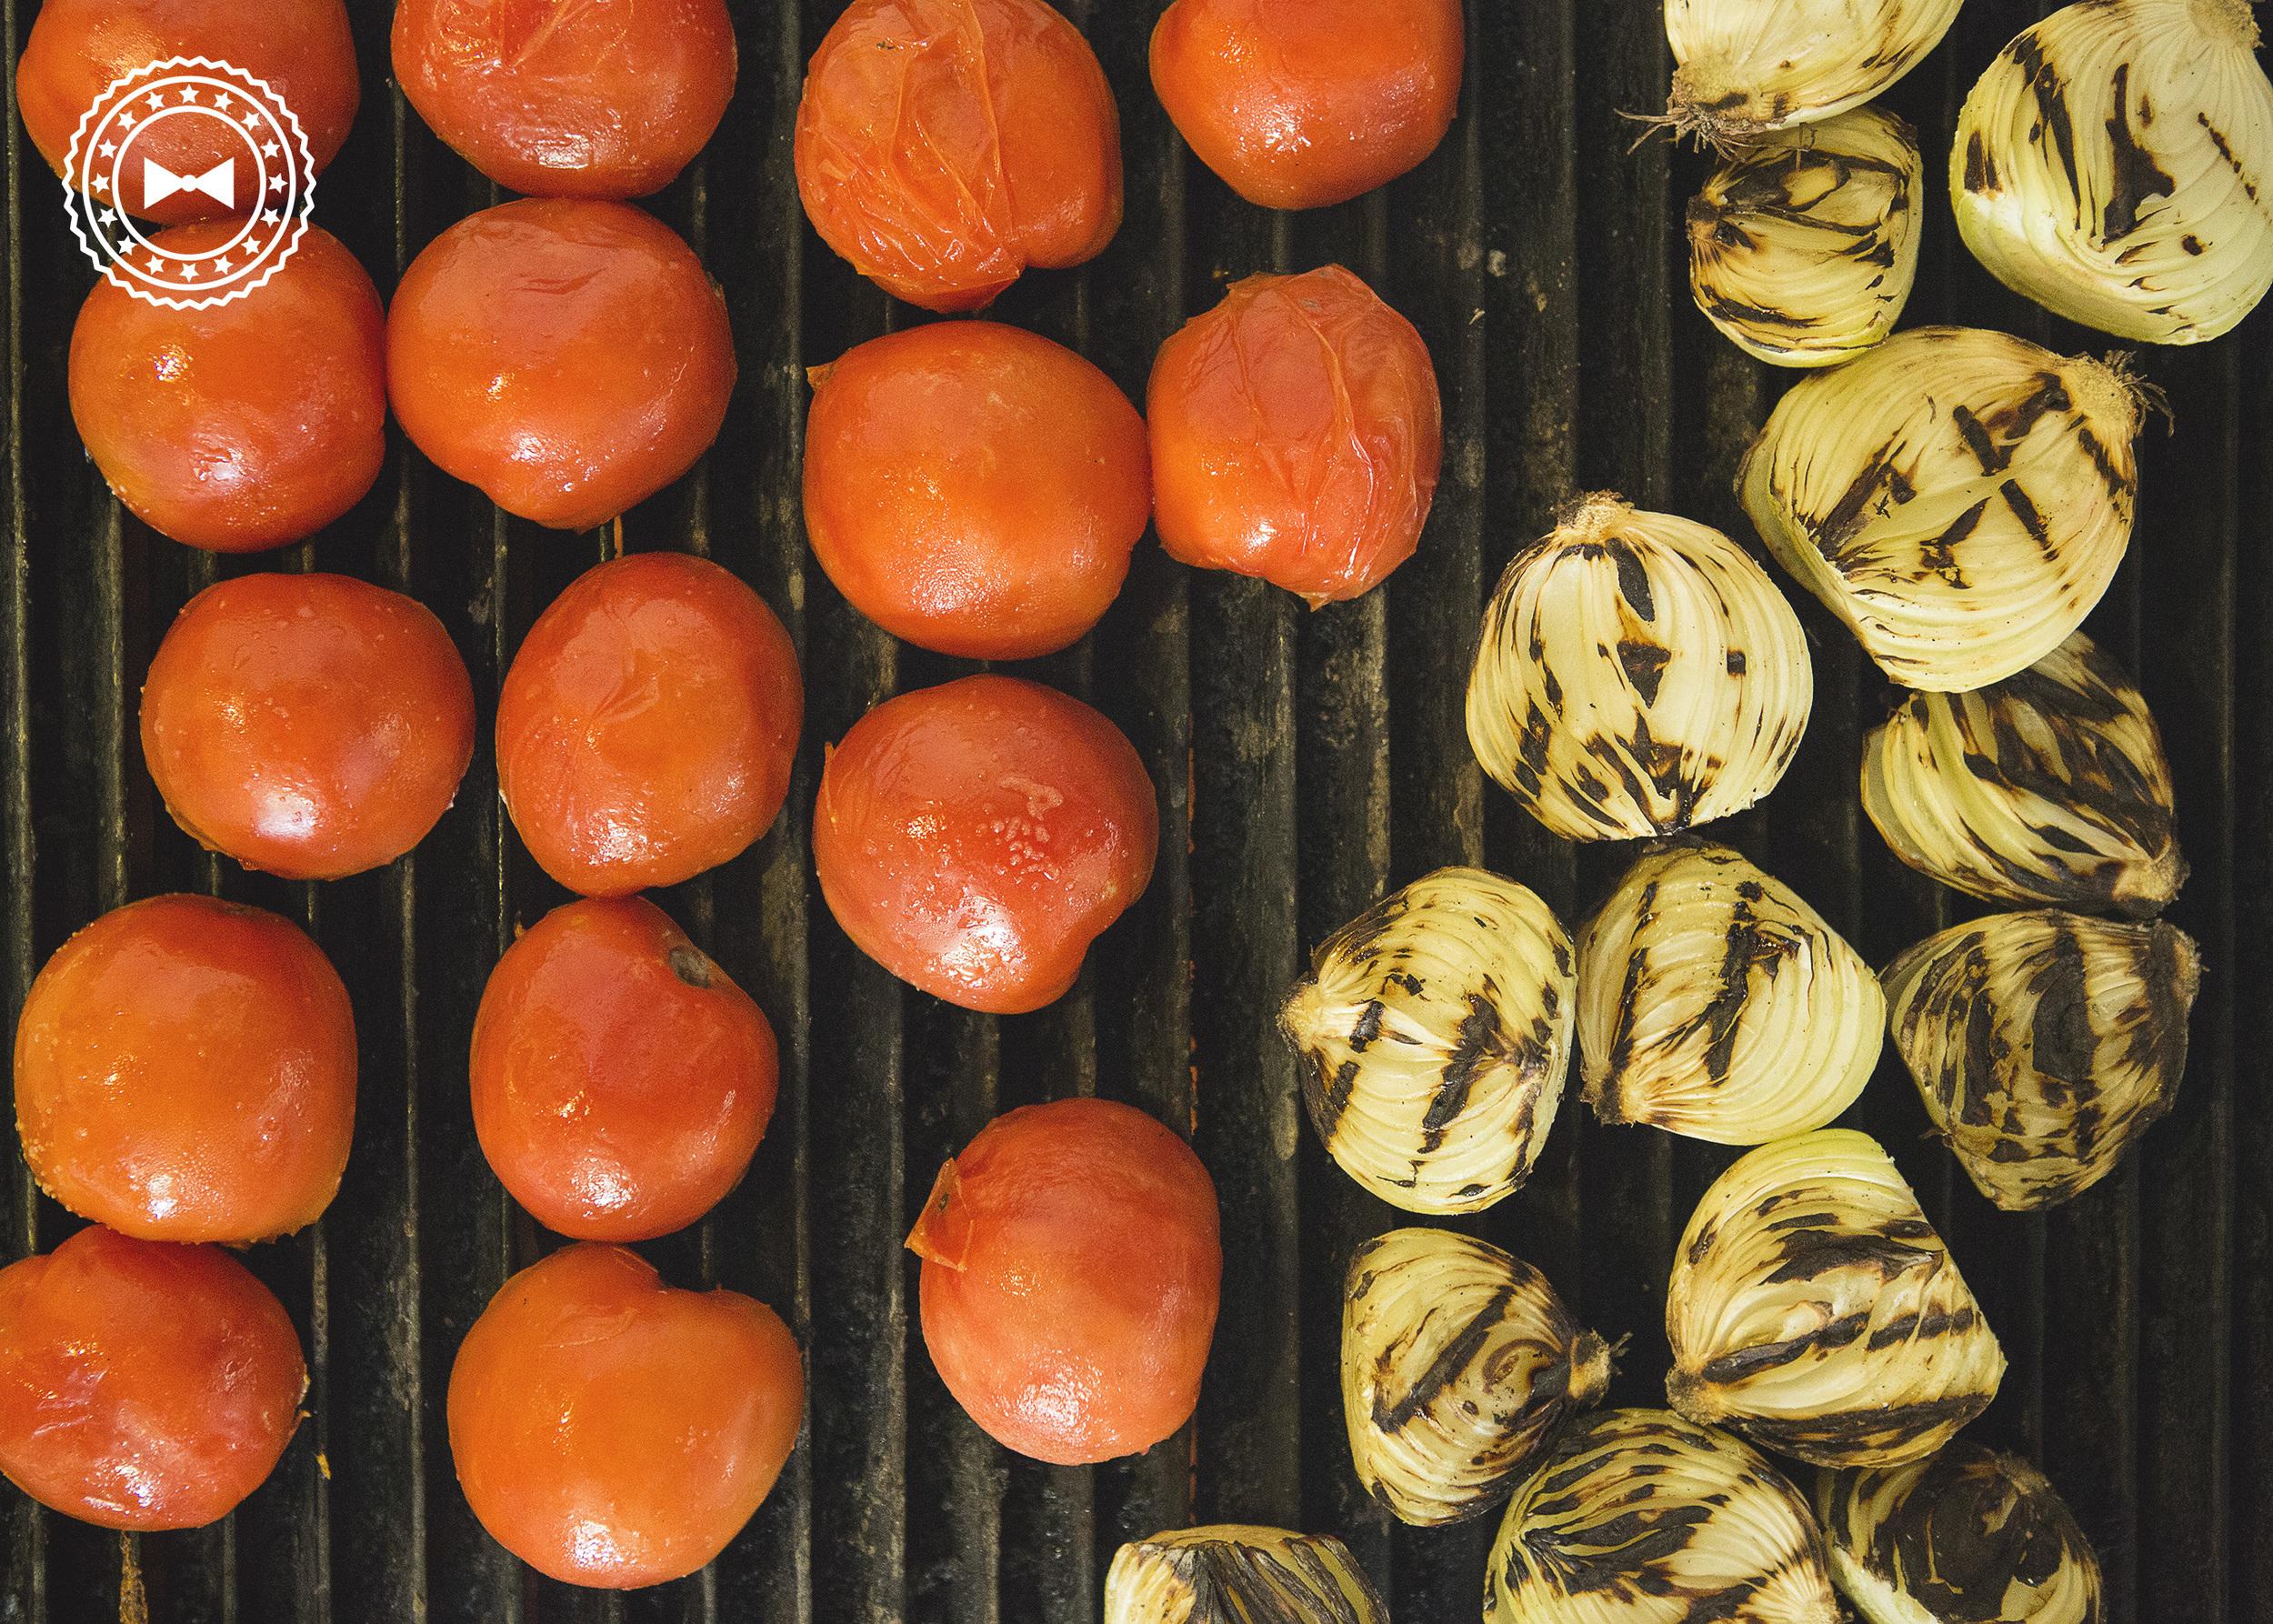 Tomates y cebollas a la parrilla